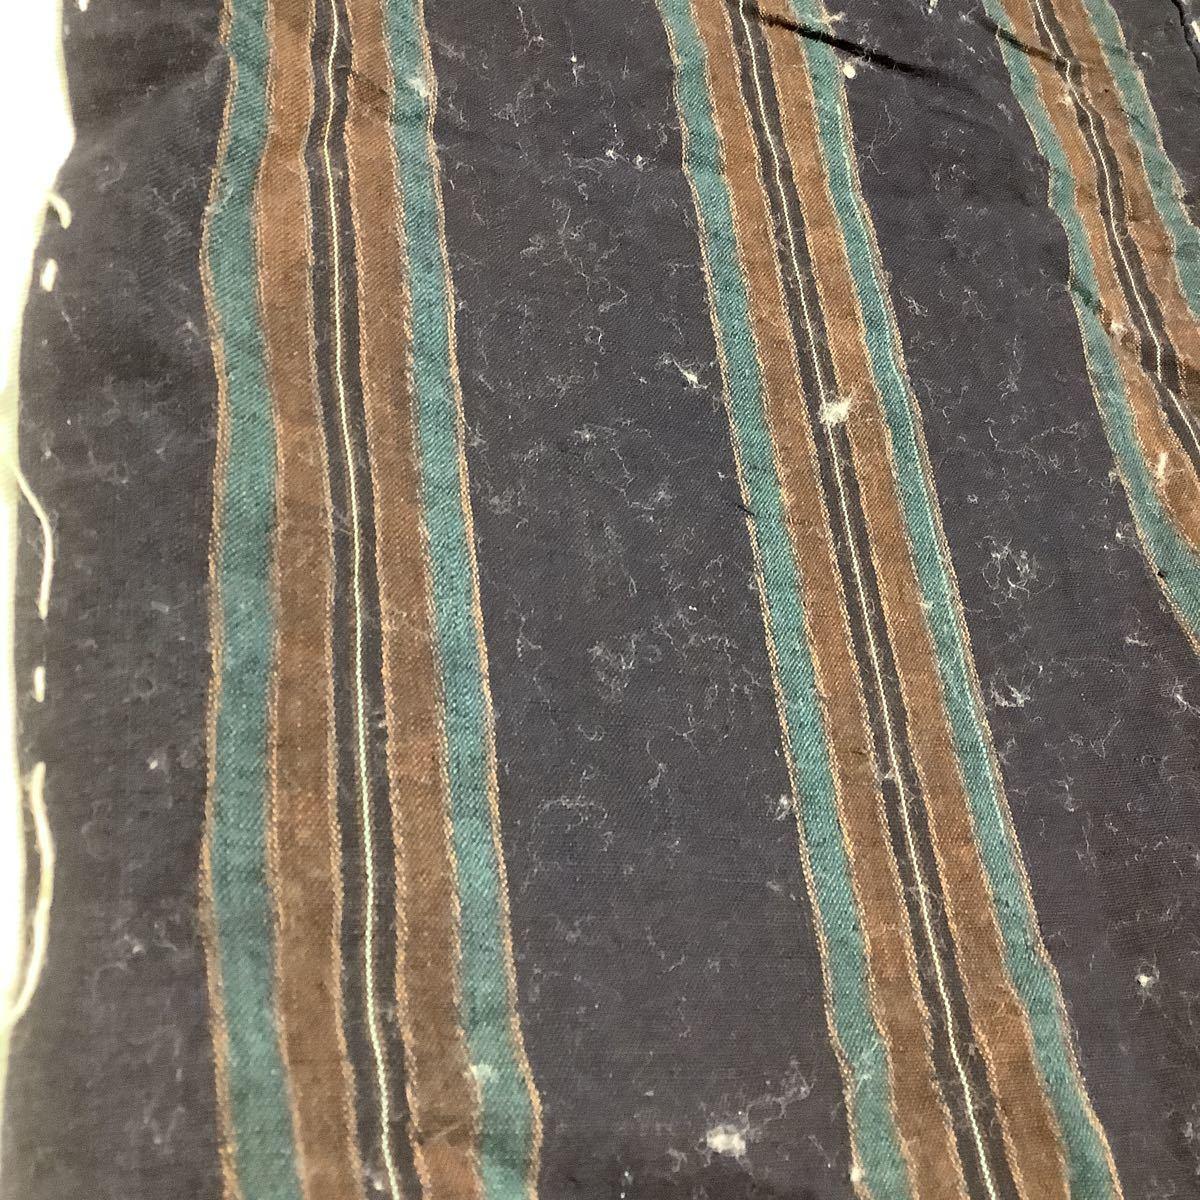 ◆古布前掛け専門屋◆滋賀県より◆手織り木綿◆縞絣◆本藍染◆草木染◆ベンガラ染◆3幅三巾◆184cm◆刺子絣縞型染布団側裂織筒描き襤褸野良_画像2